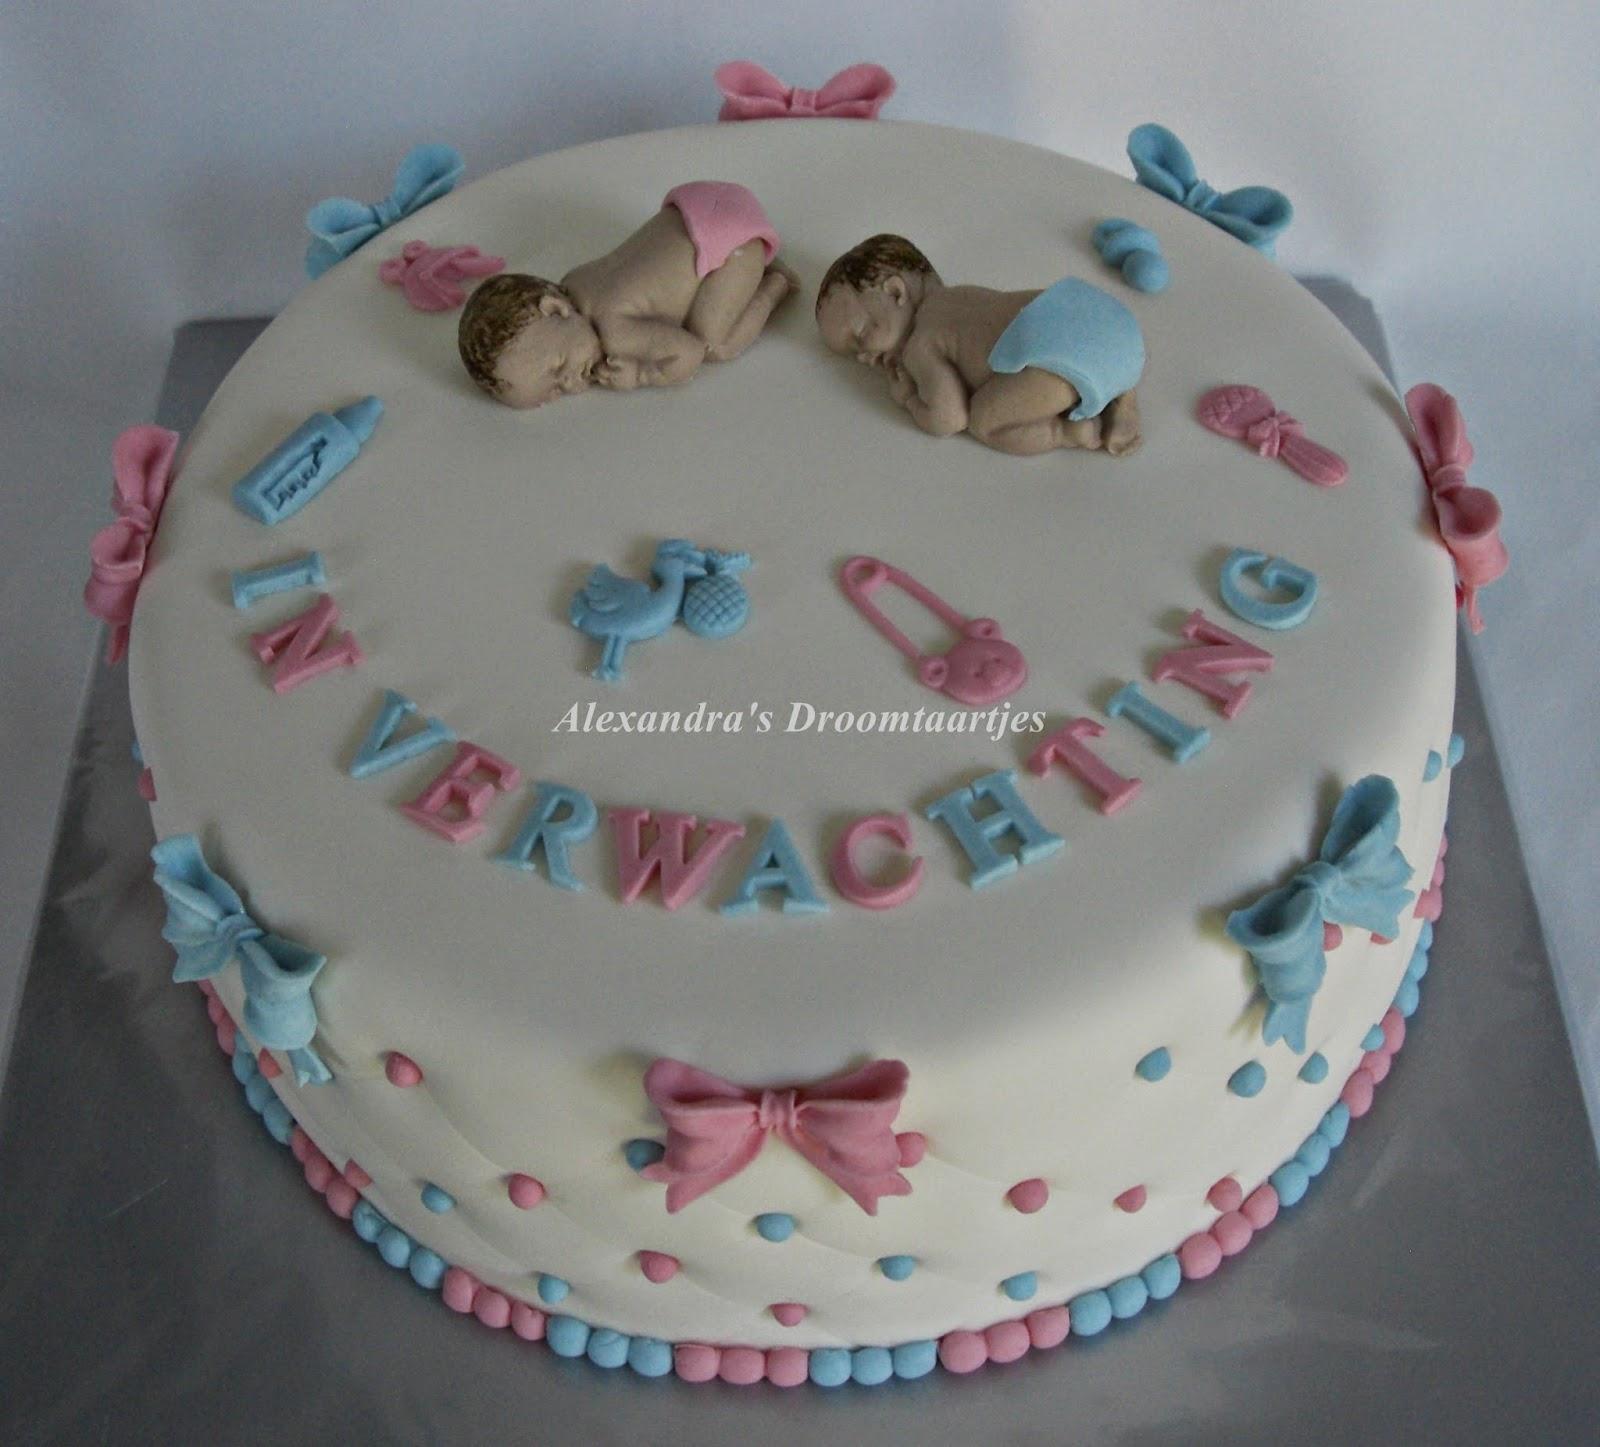 in verwachting taart In verwachting taart / gender cake | Alexandra's droomtaartjes in verwachting taart